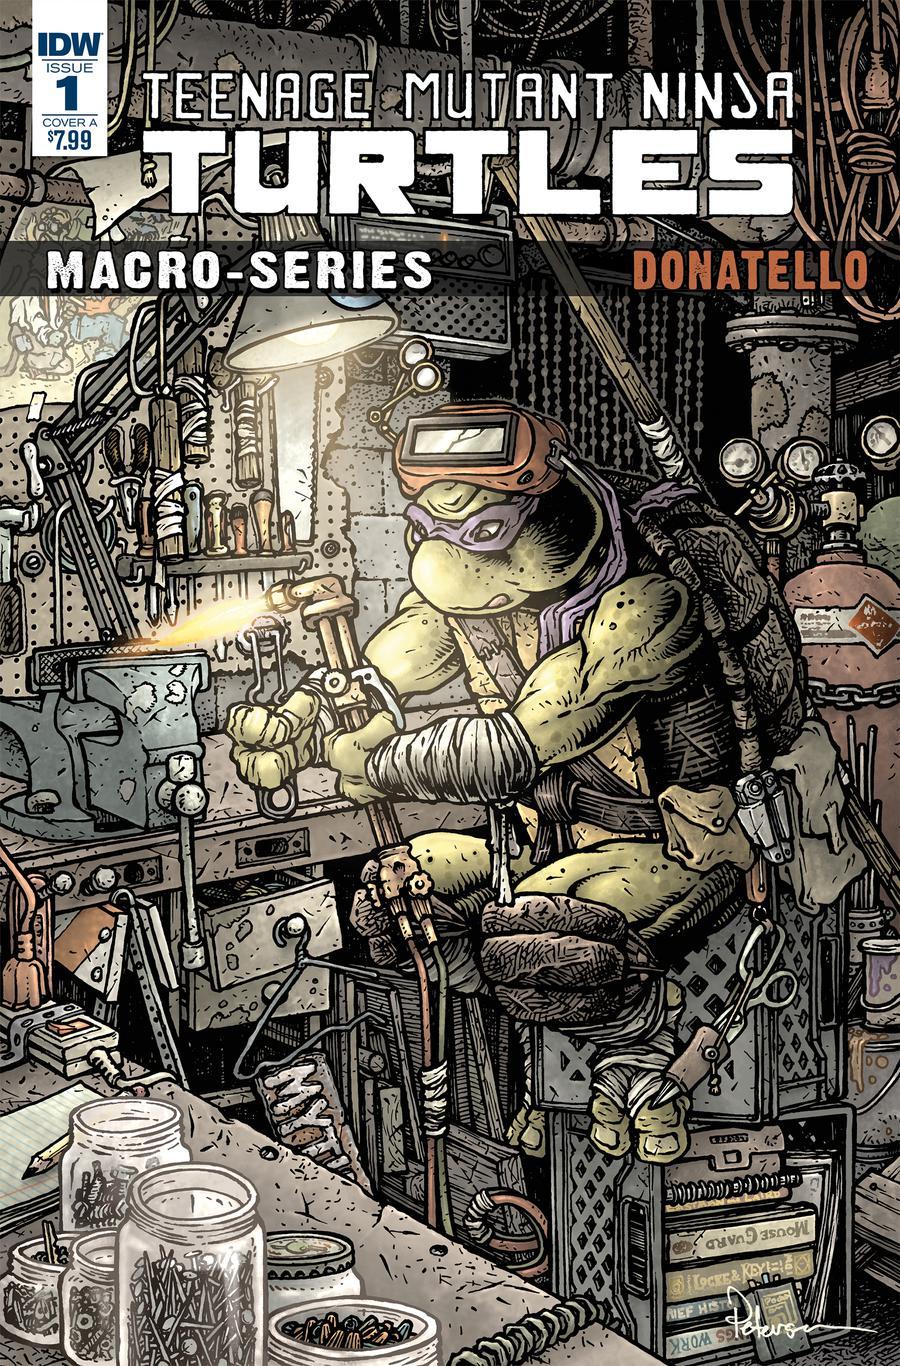 Teenage Mutant Ninja Turtles Macro-Series Donatello Cover A Regular David Petersen Cover